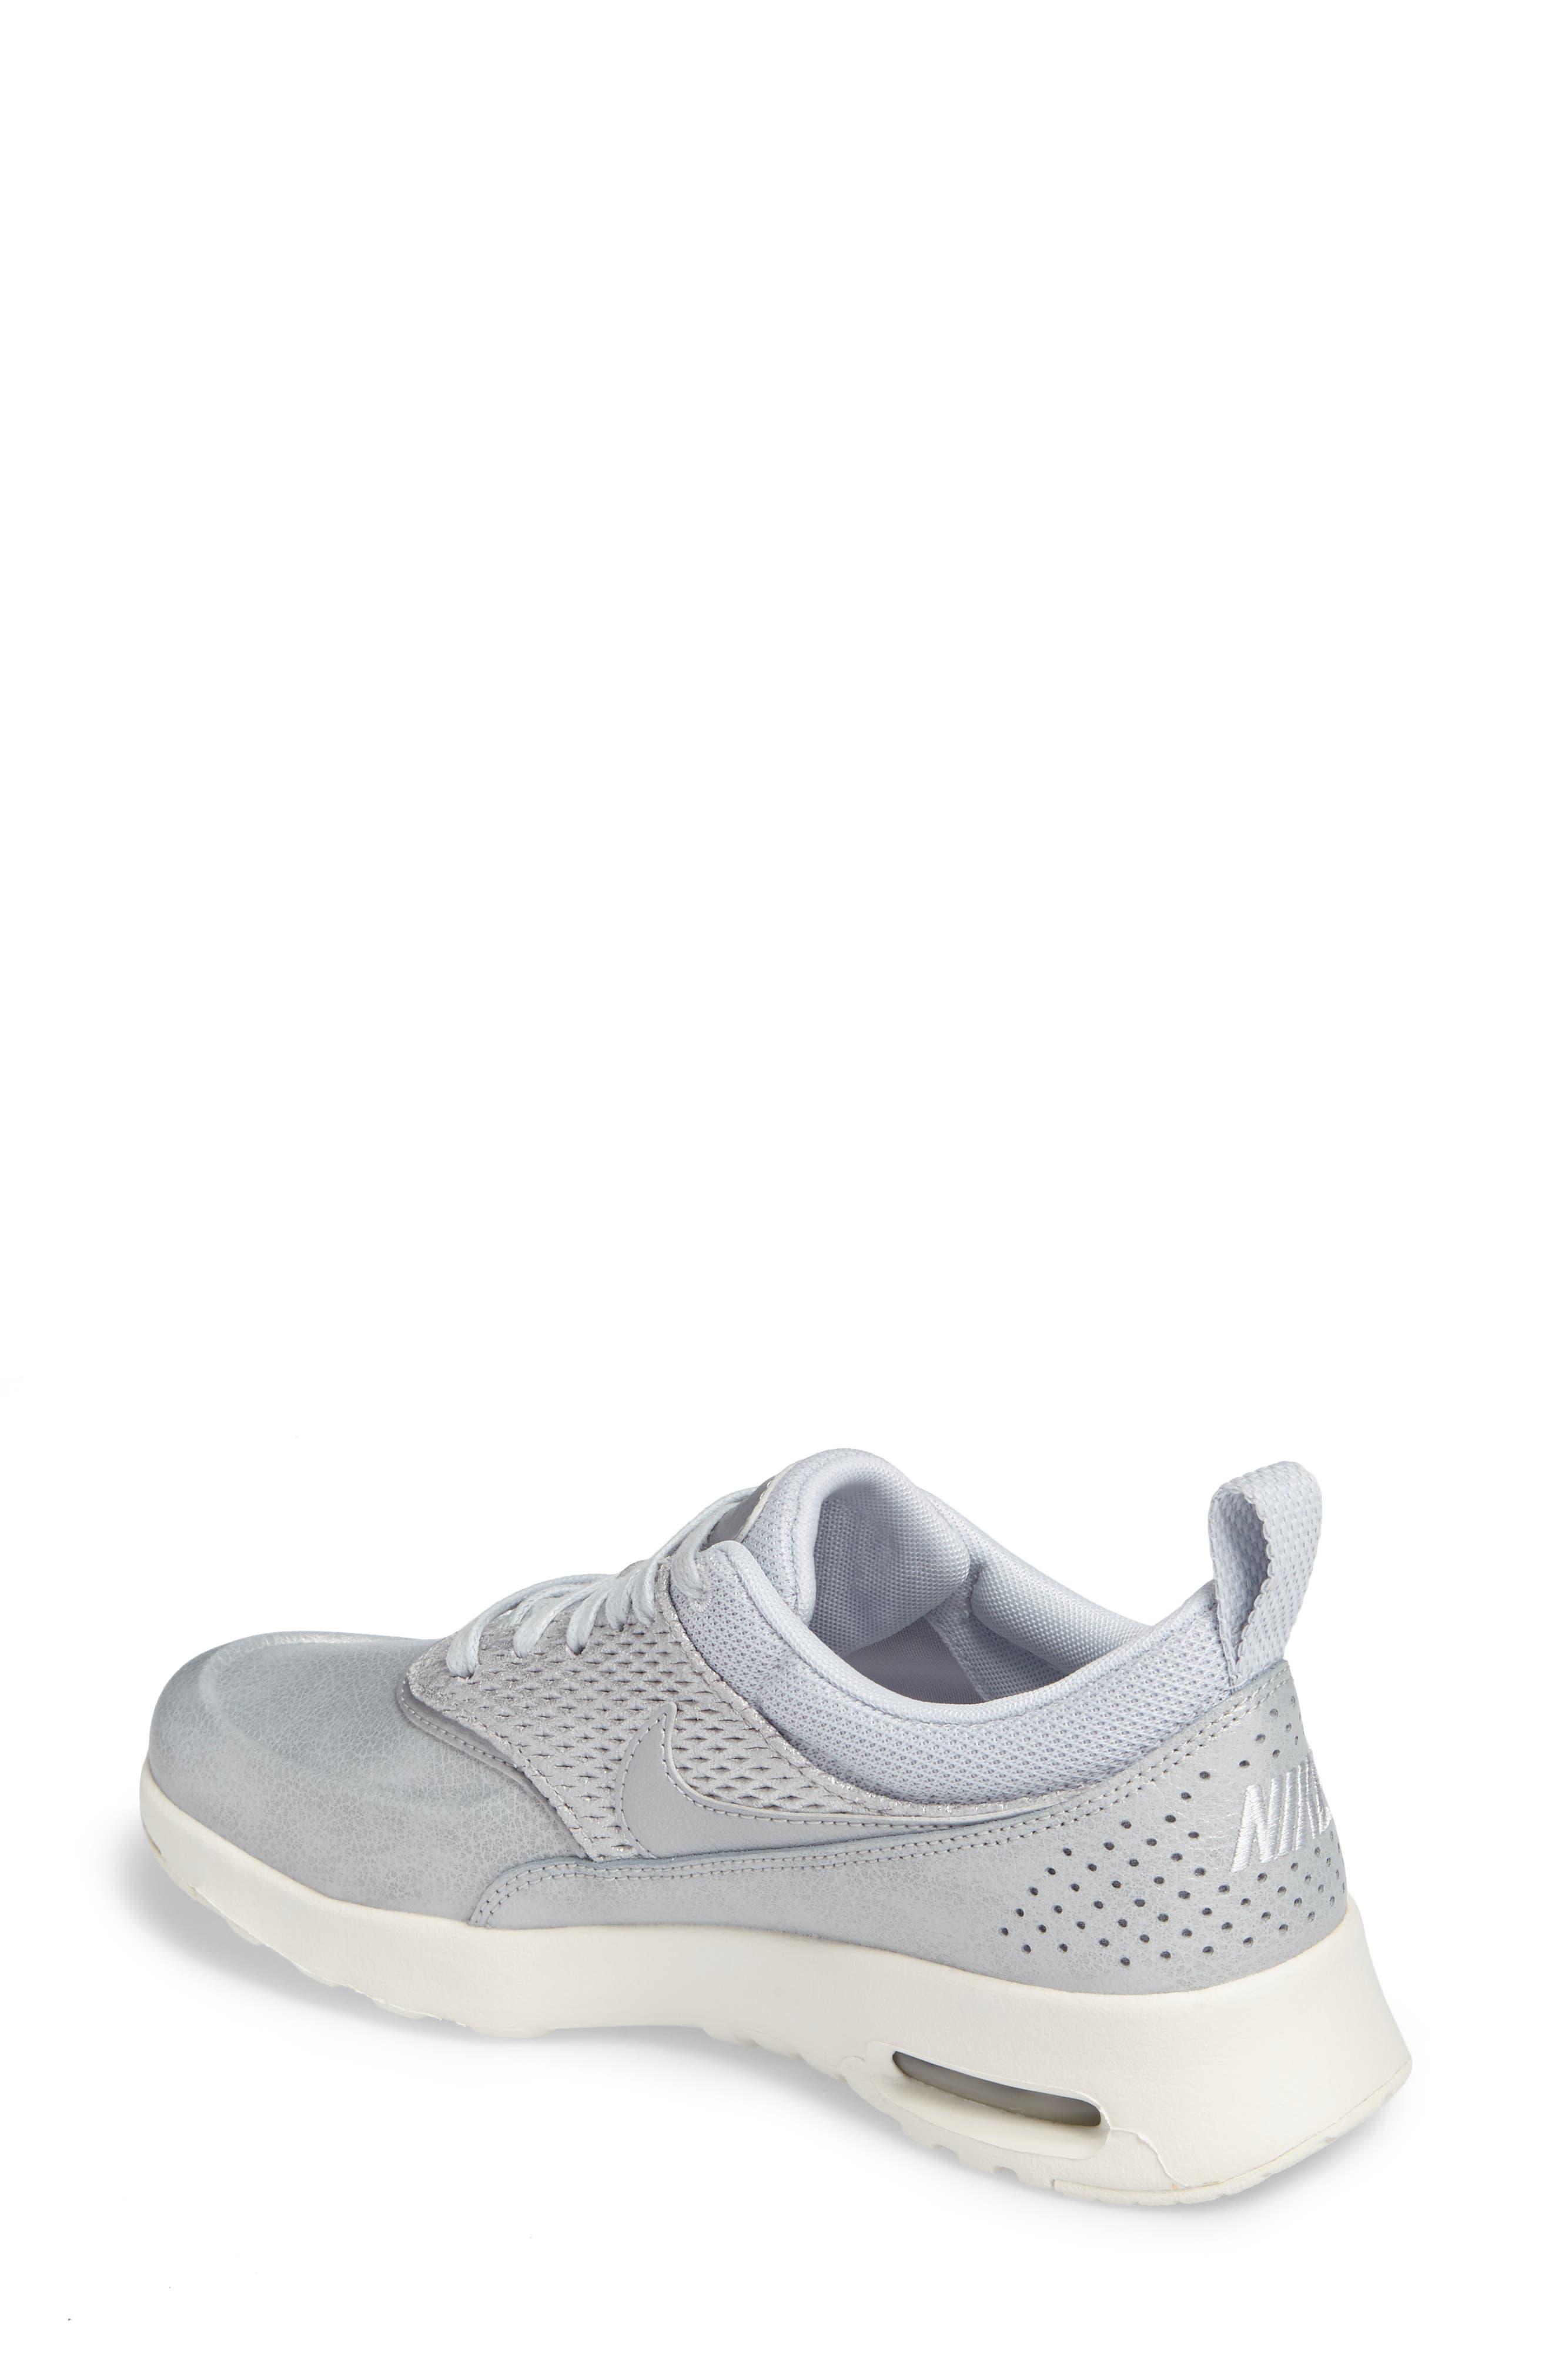 Air Max Thea Premium Sneaker,                             Alternate thumbnail 5, color,